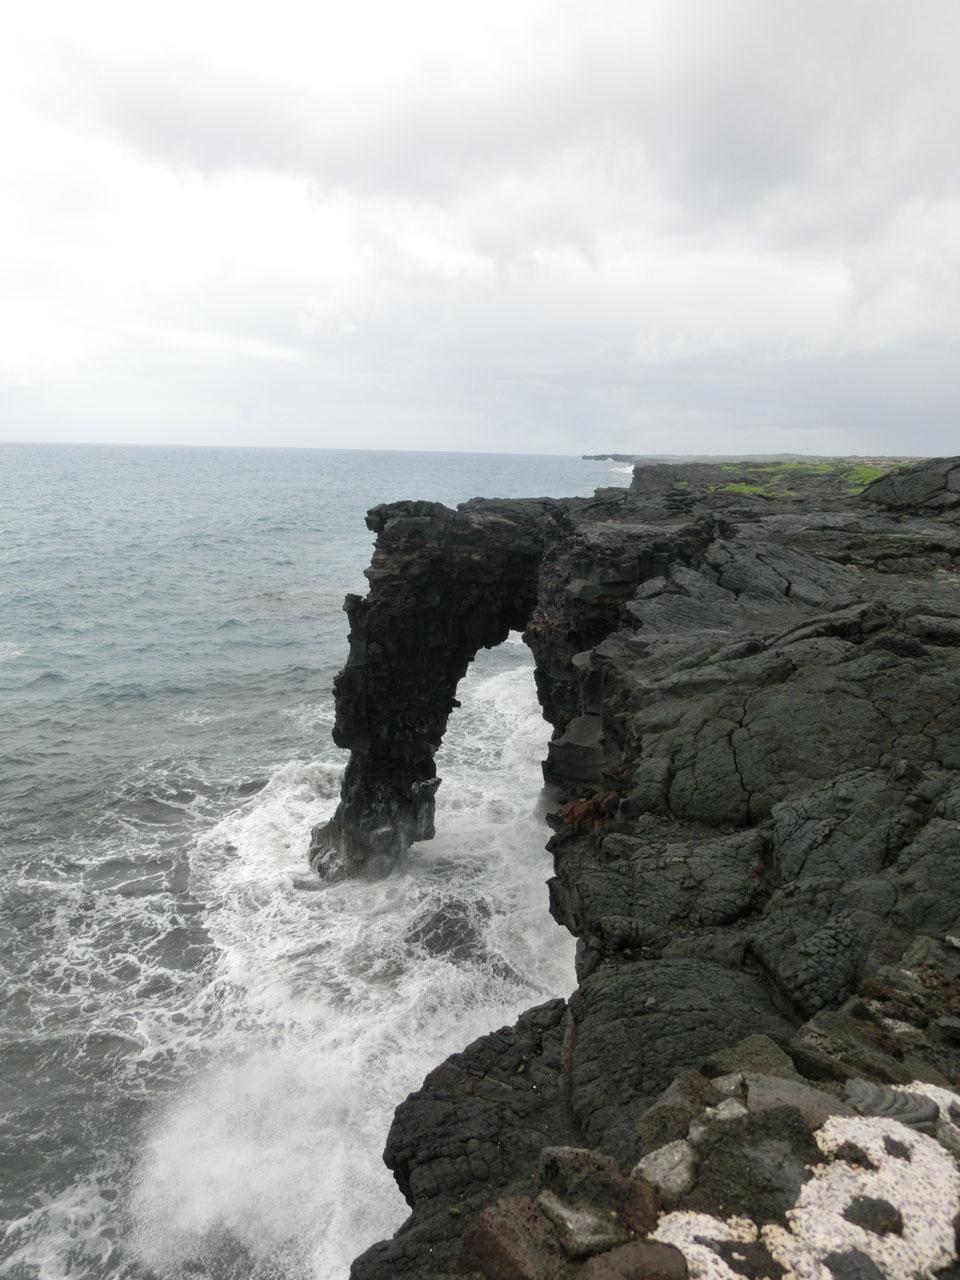 ハワイの旅2015 Vol.2[ハワイ島一周前編](...